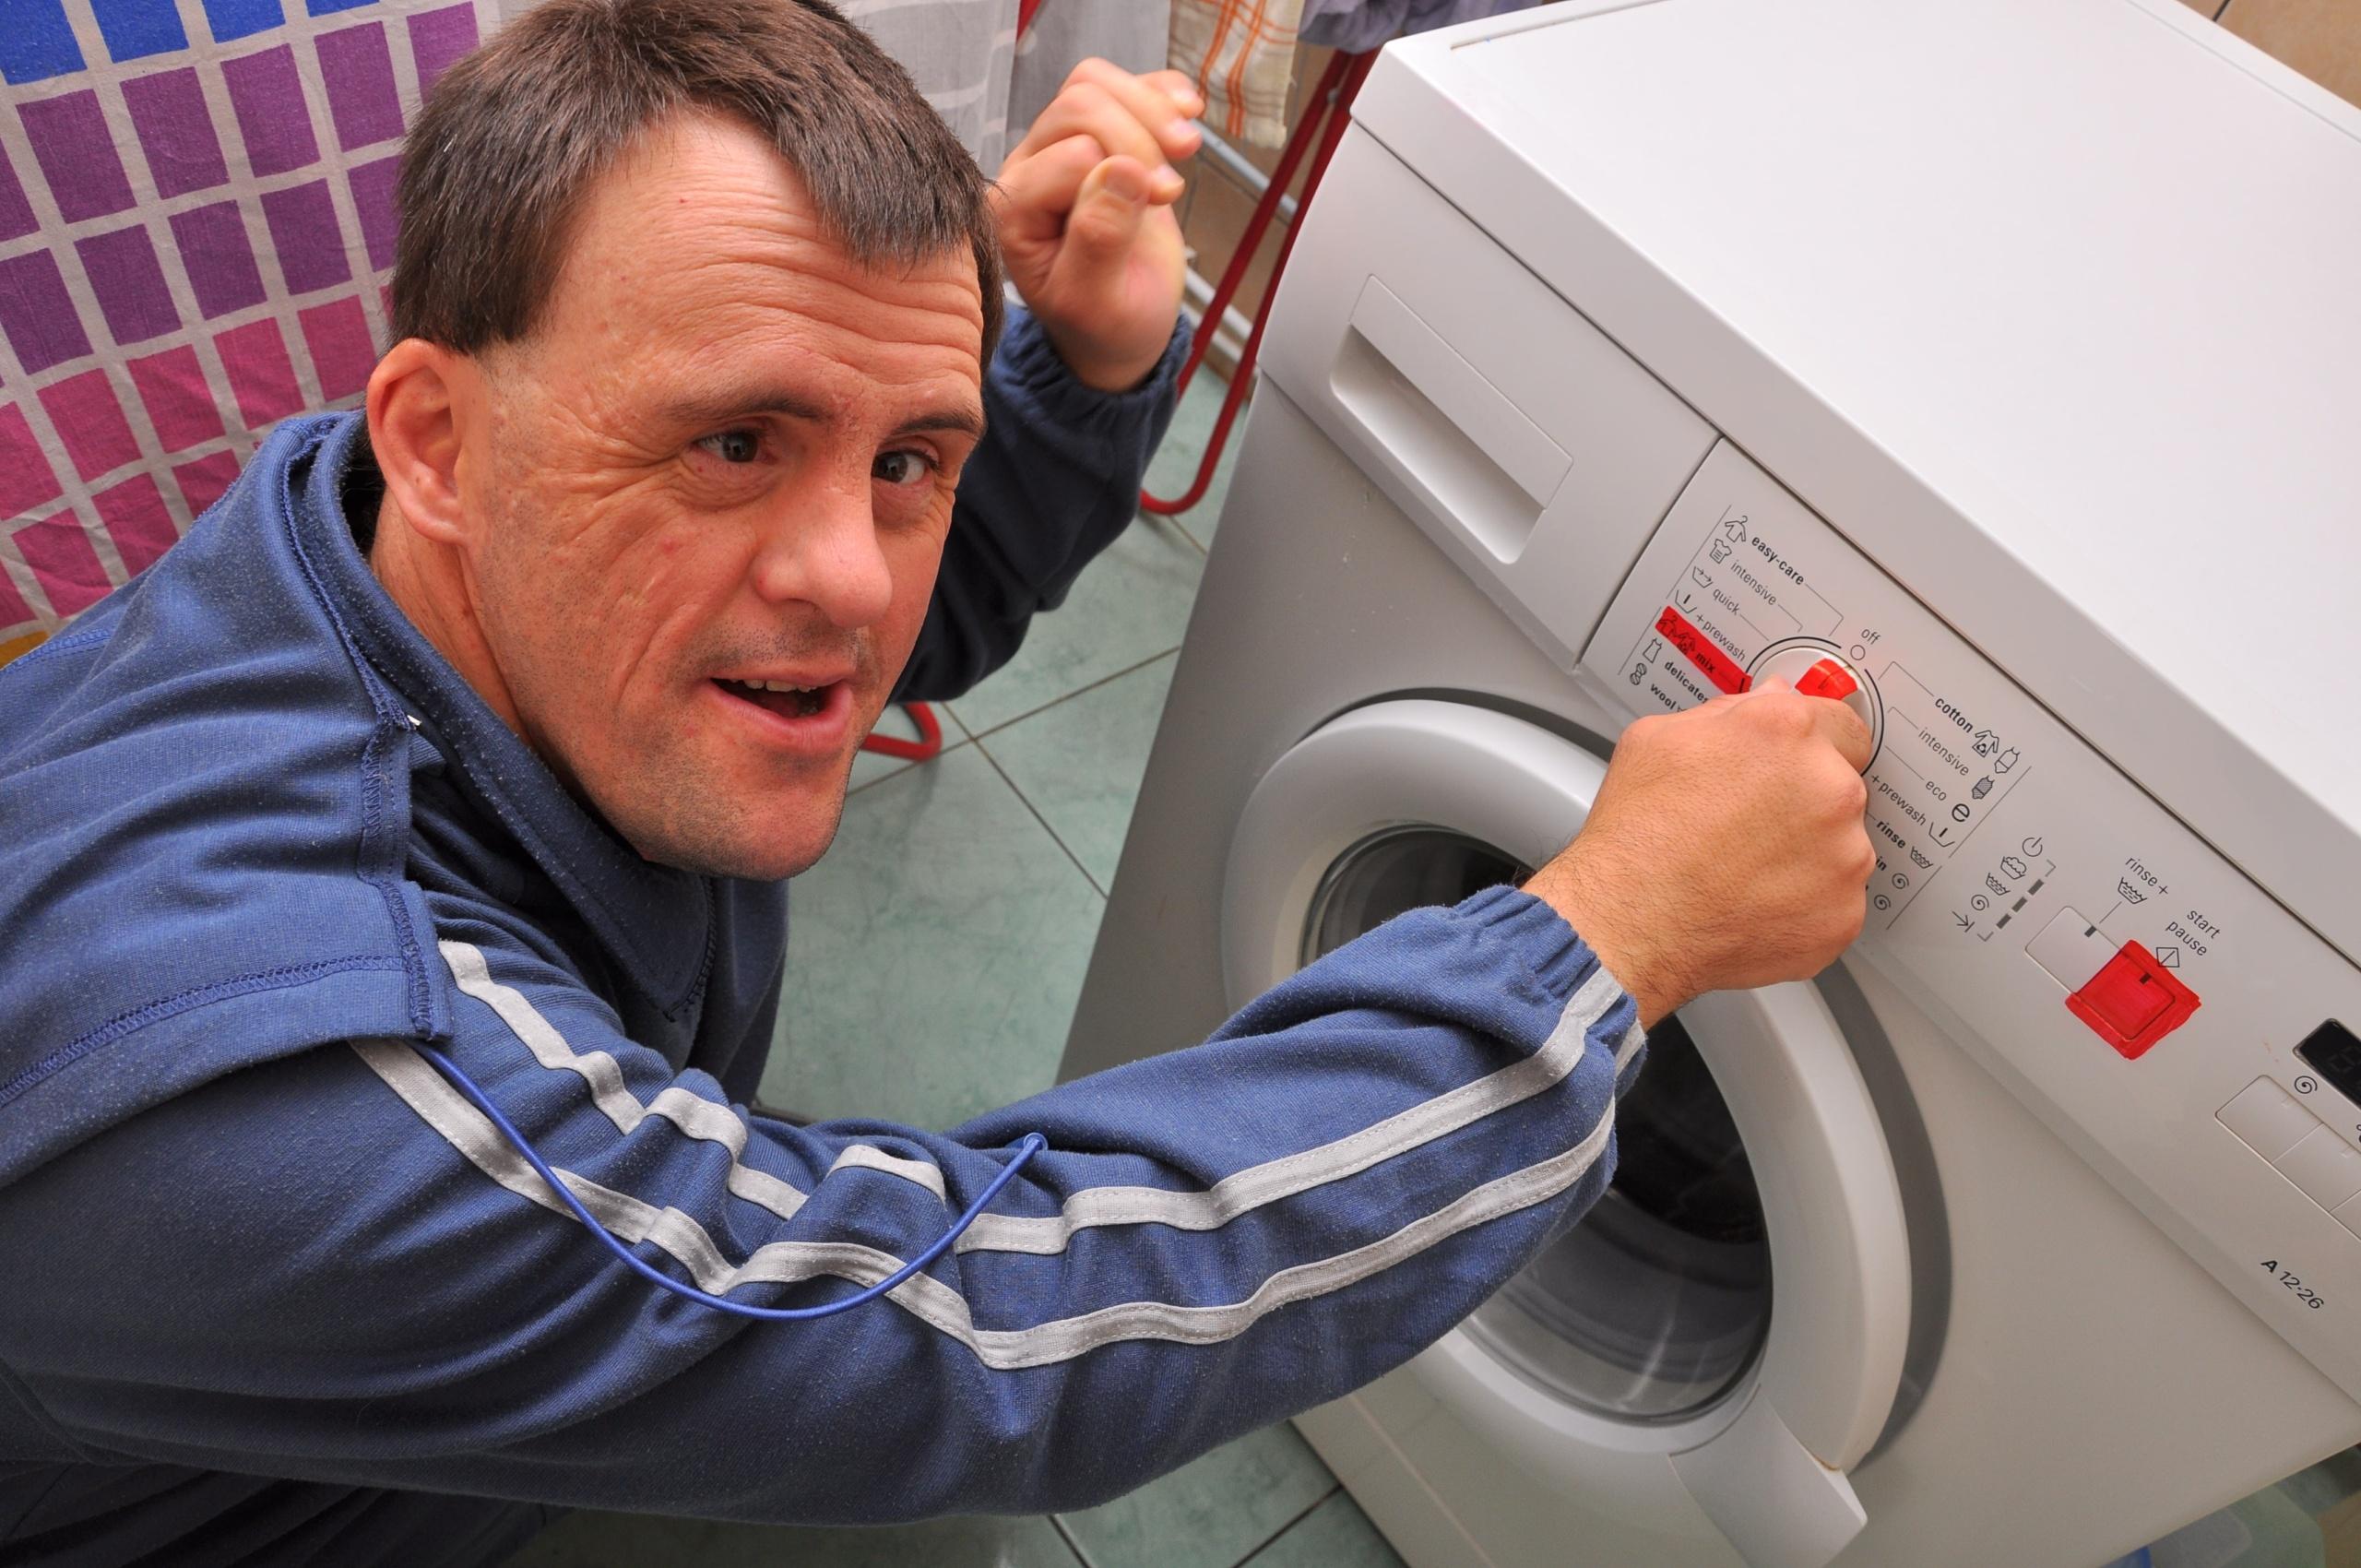 Mann med downs setter på vaskemaskinen. Foto